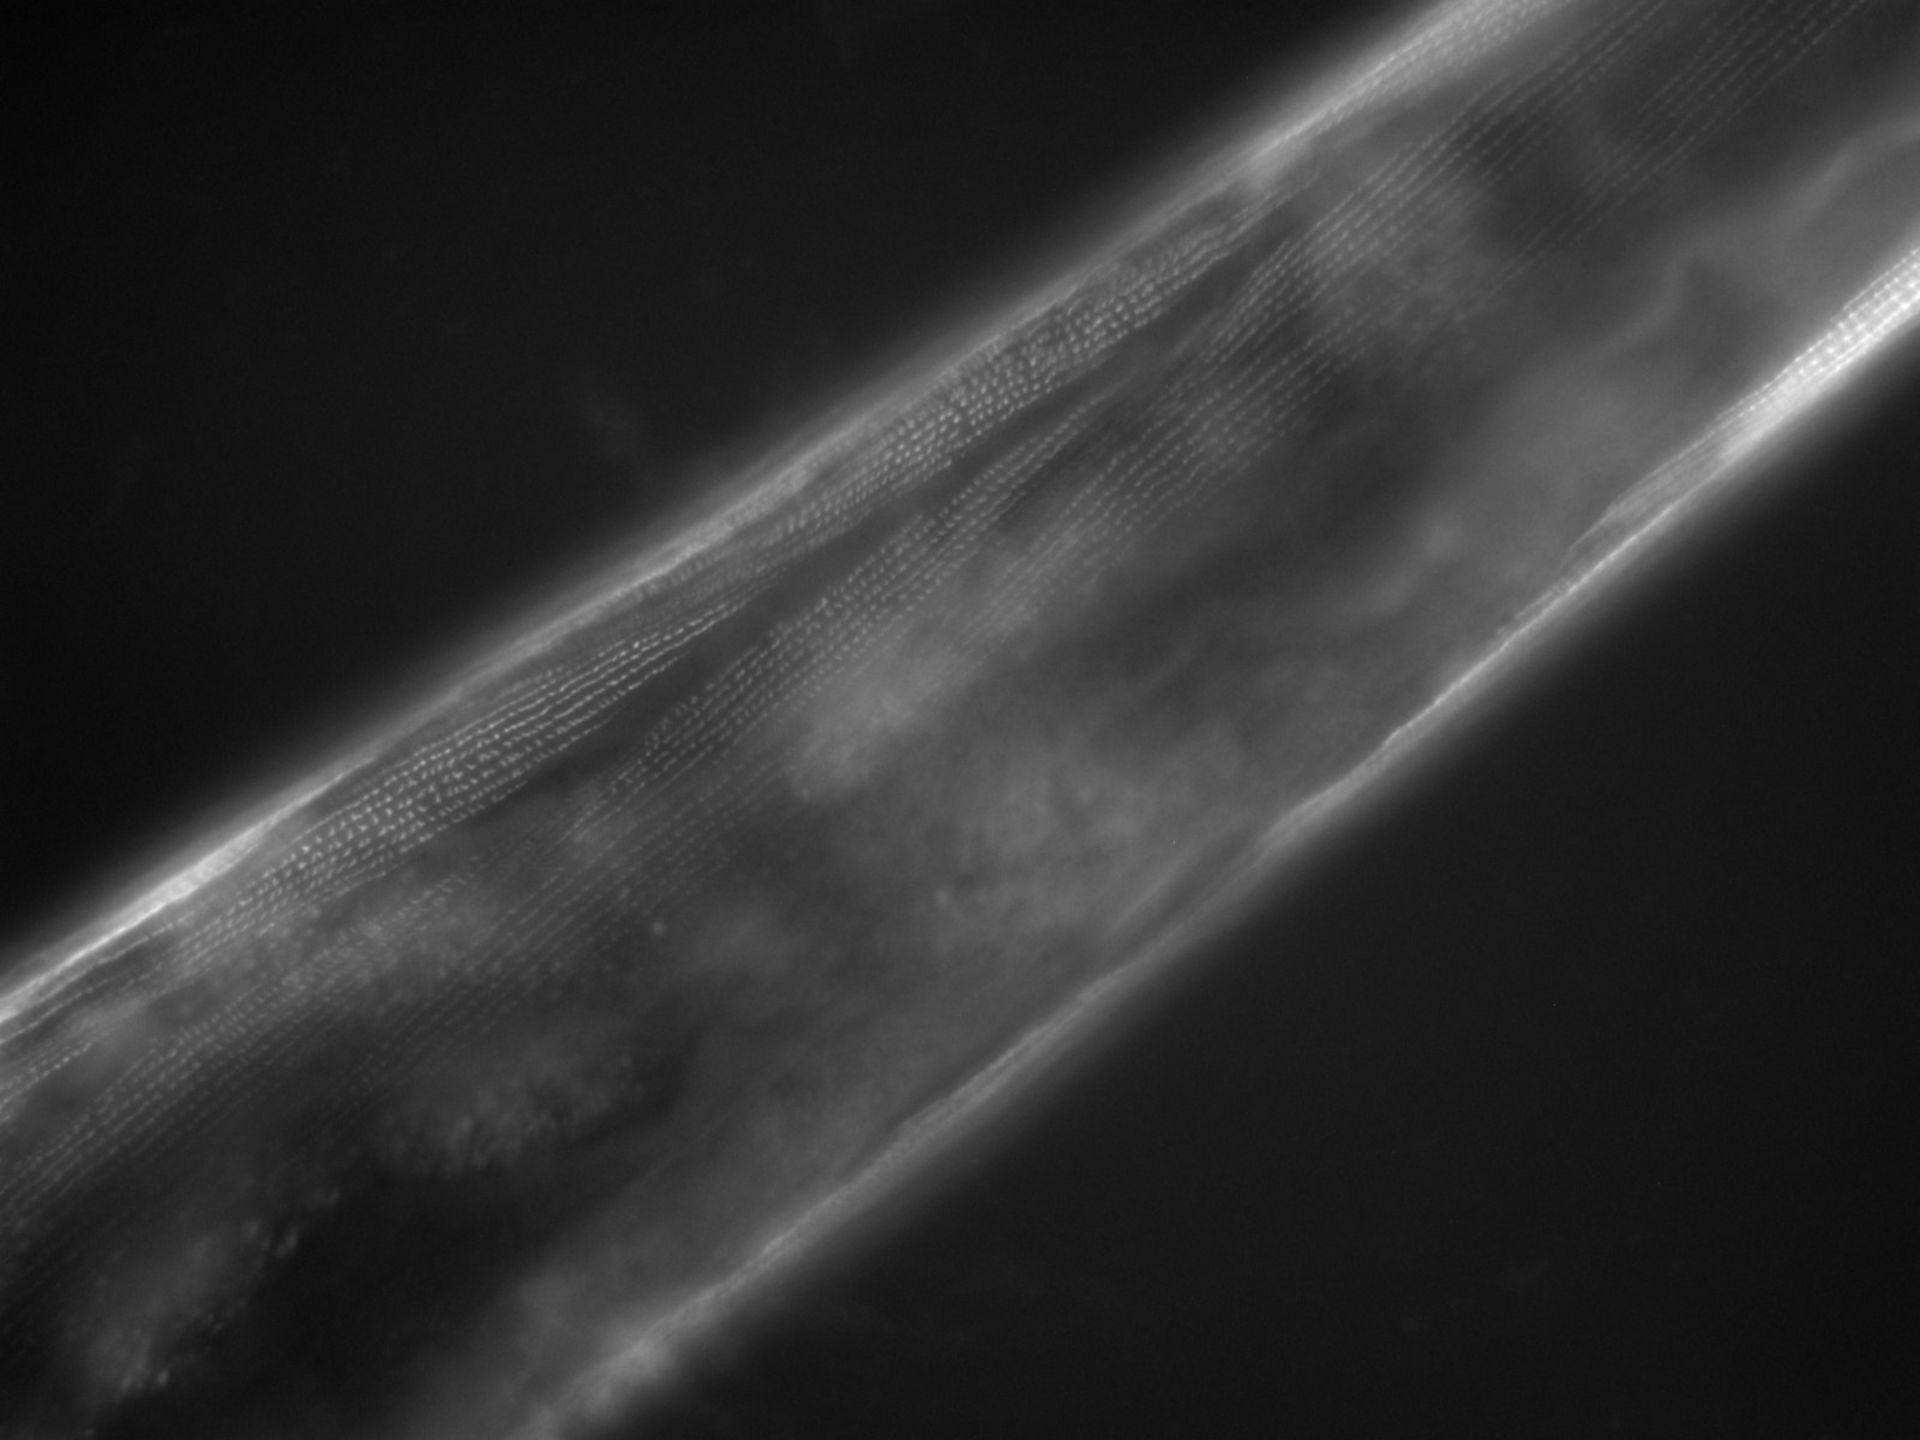 Caenorhabditis elegans (Actin filament) - CIL:1126